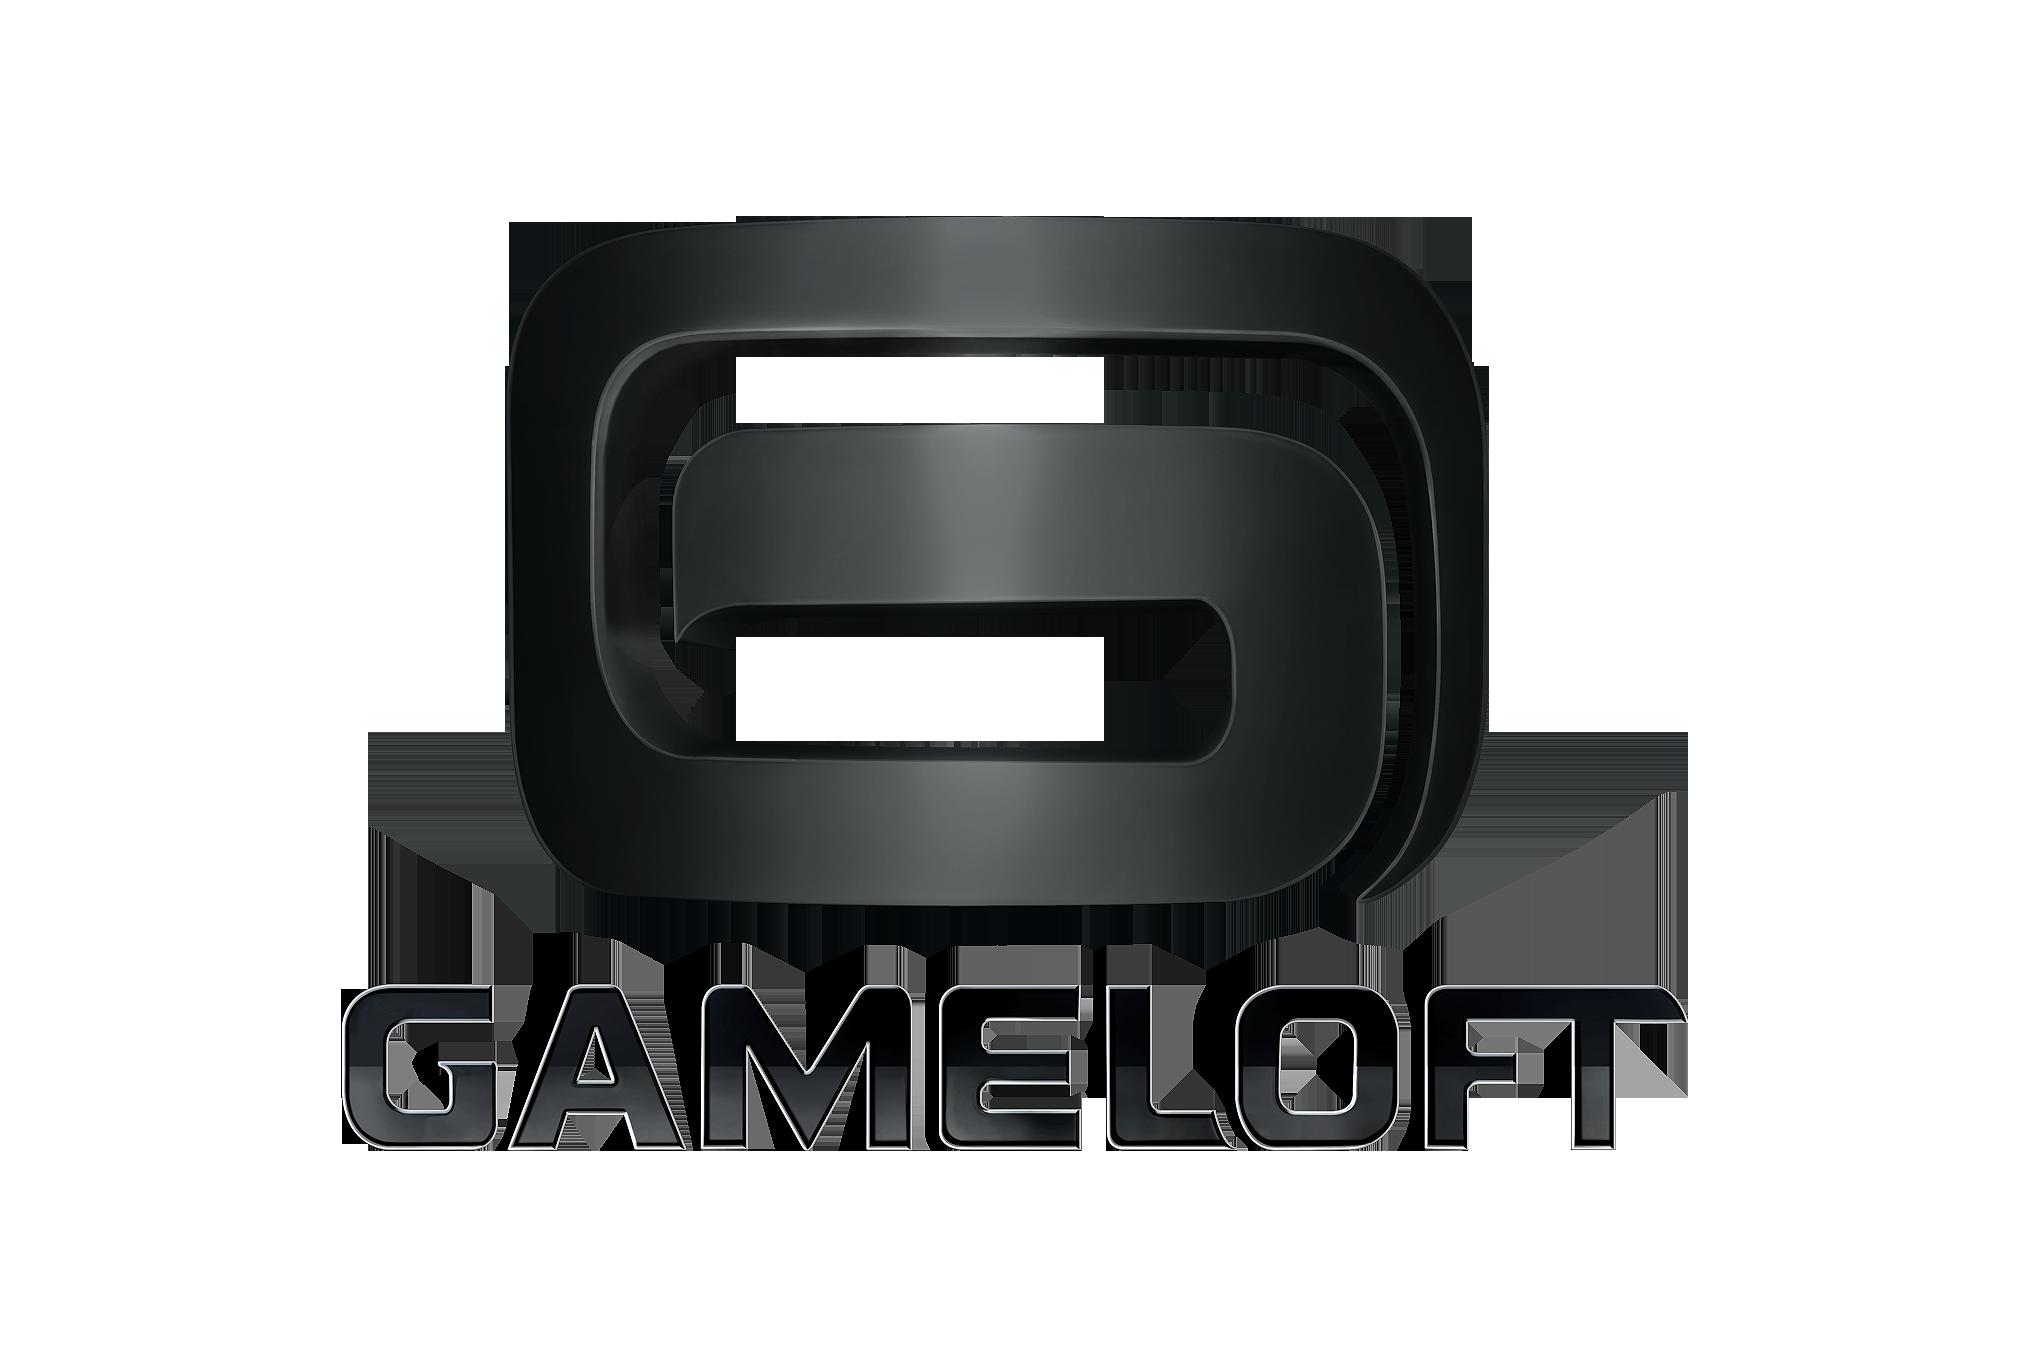 ゲームロフトとガンホーが戦略的業務提携 協業第1弾「ディズニー:マジック キングダムズ」の国内パブリッシング権をガンホーが取得